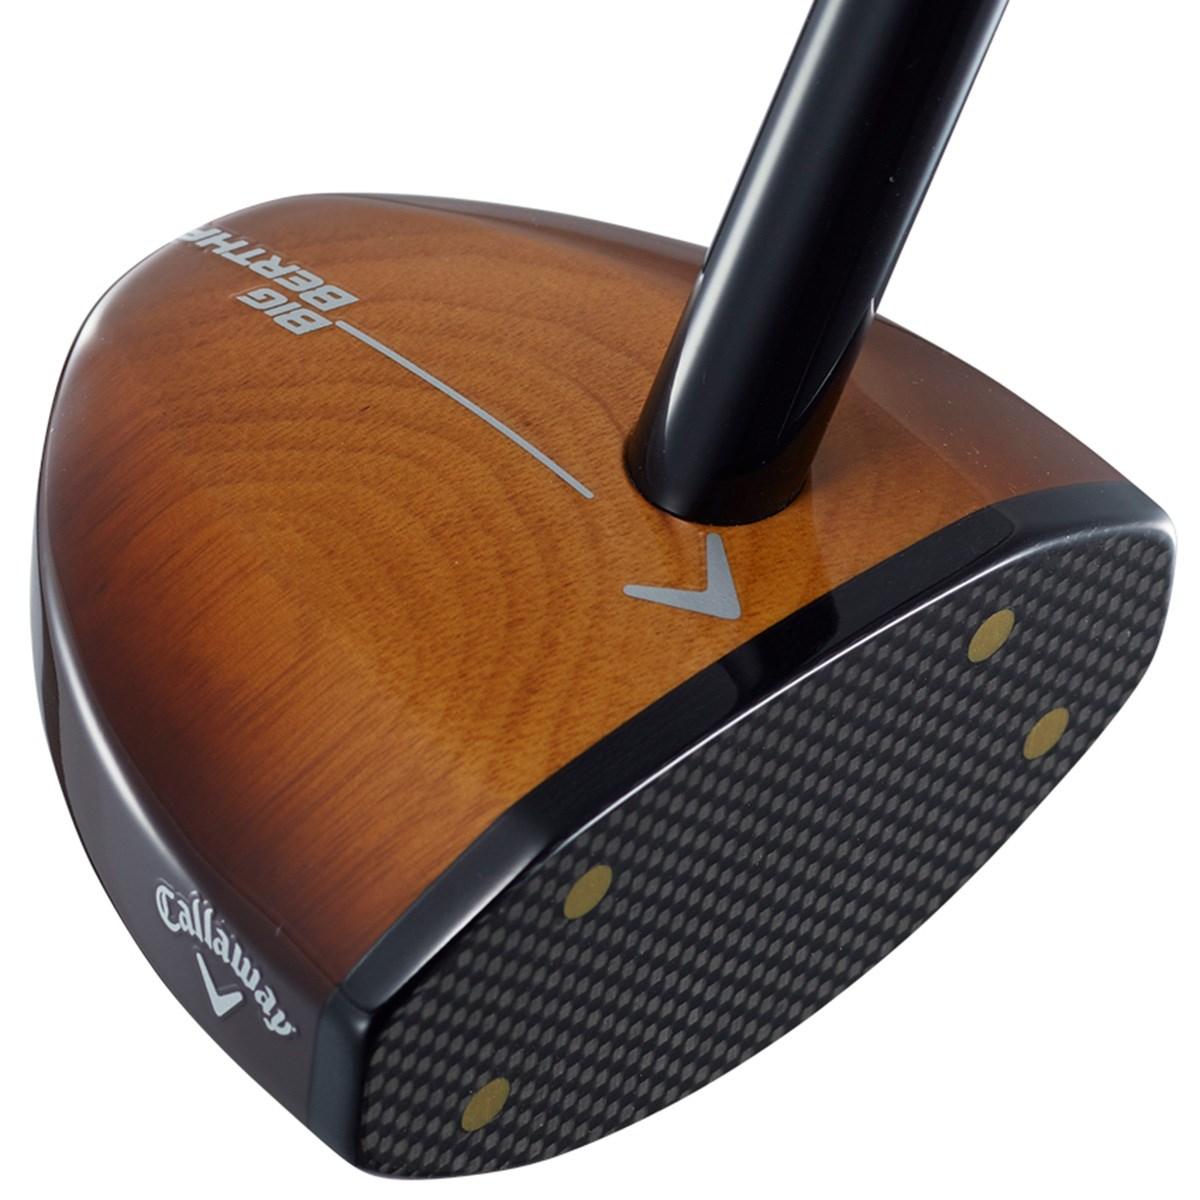 キャロウェイゴルフ(Callaway Golf) PG BIG BERTHA 18 JM パークゴルフクラブ